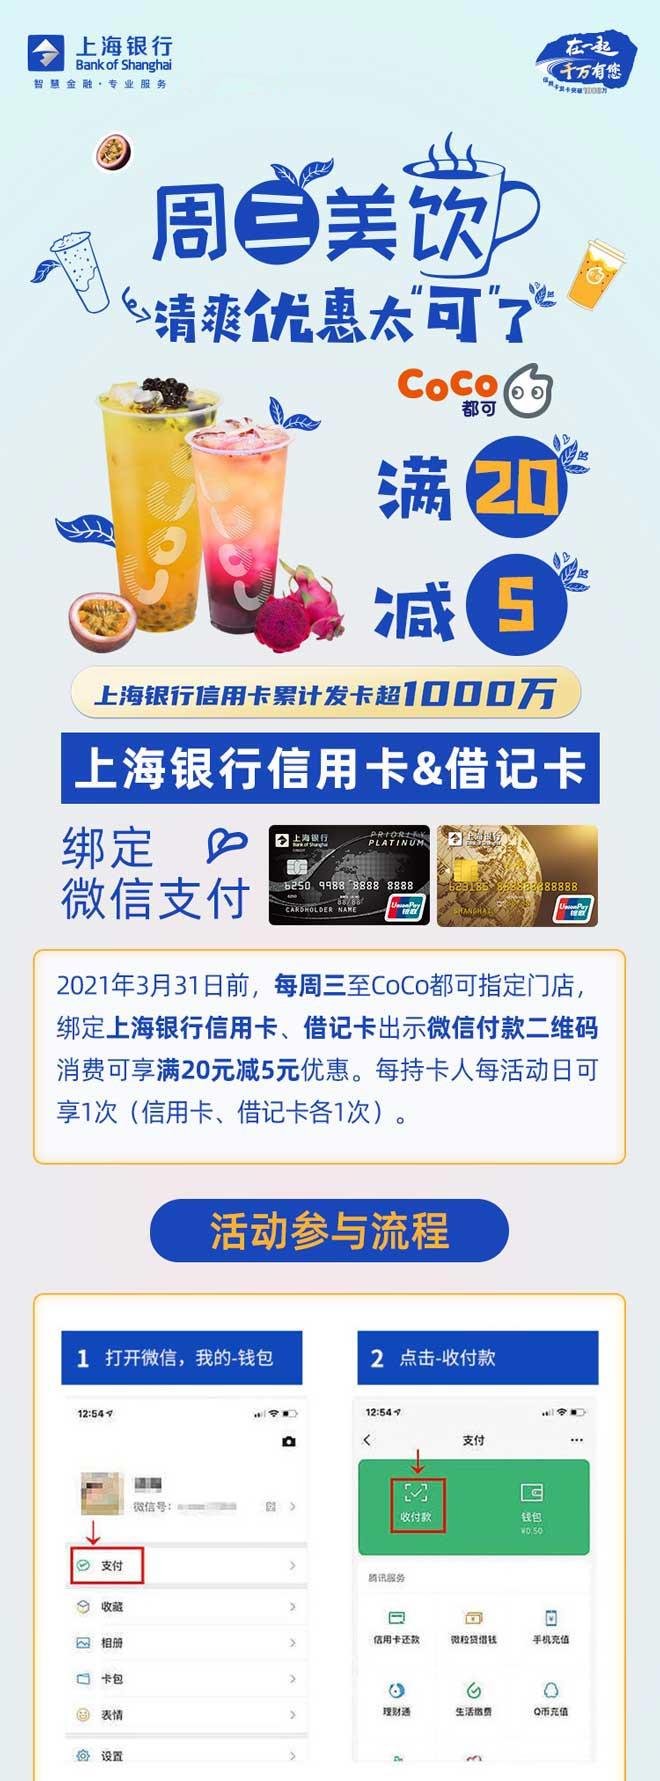 2021年1月14日上海银行信用卡优惠活动推荐